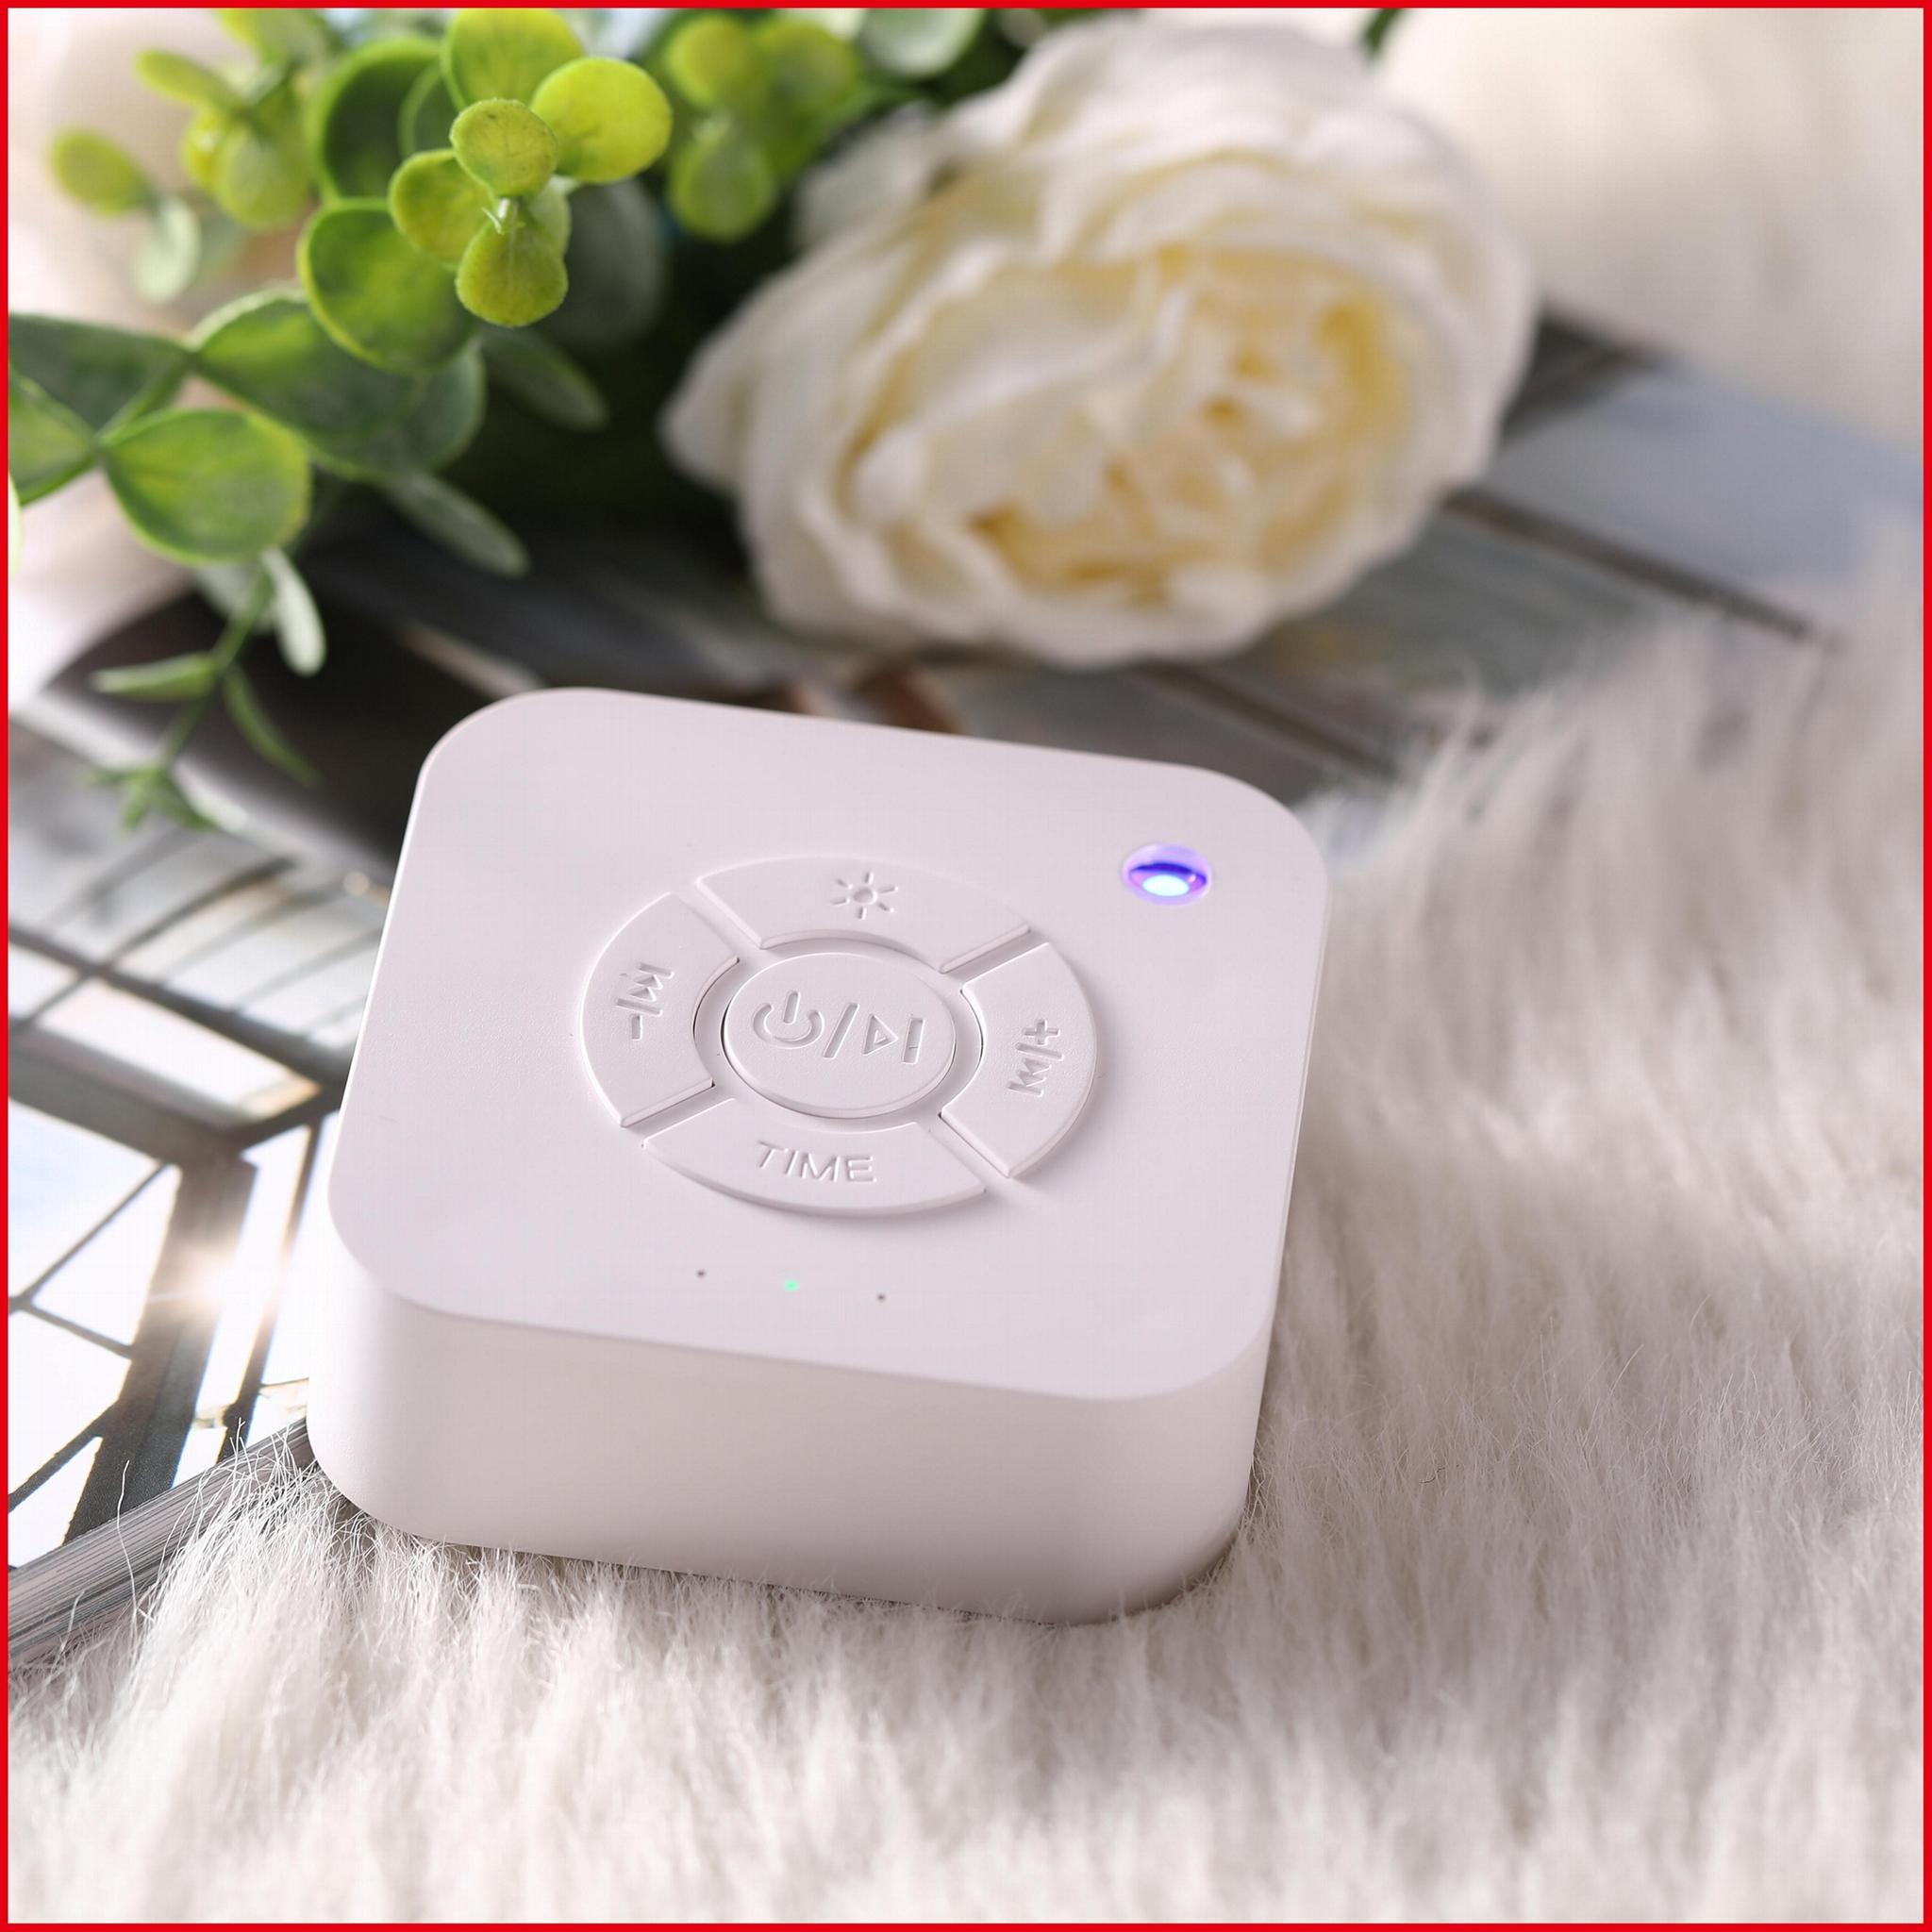 白噪音助眠仪老人助眠器婴儿睡眠安抚仪白噪音音乐助眠 5